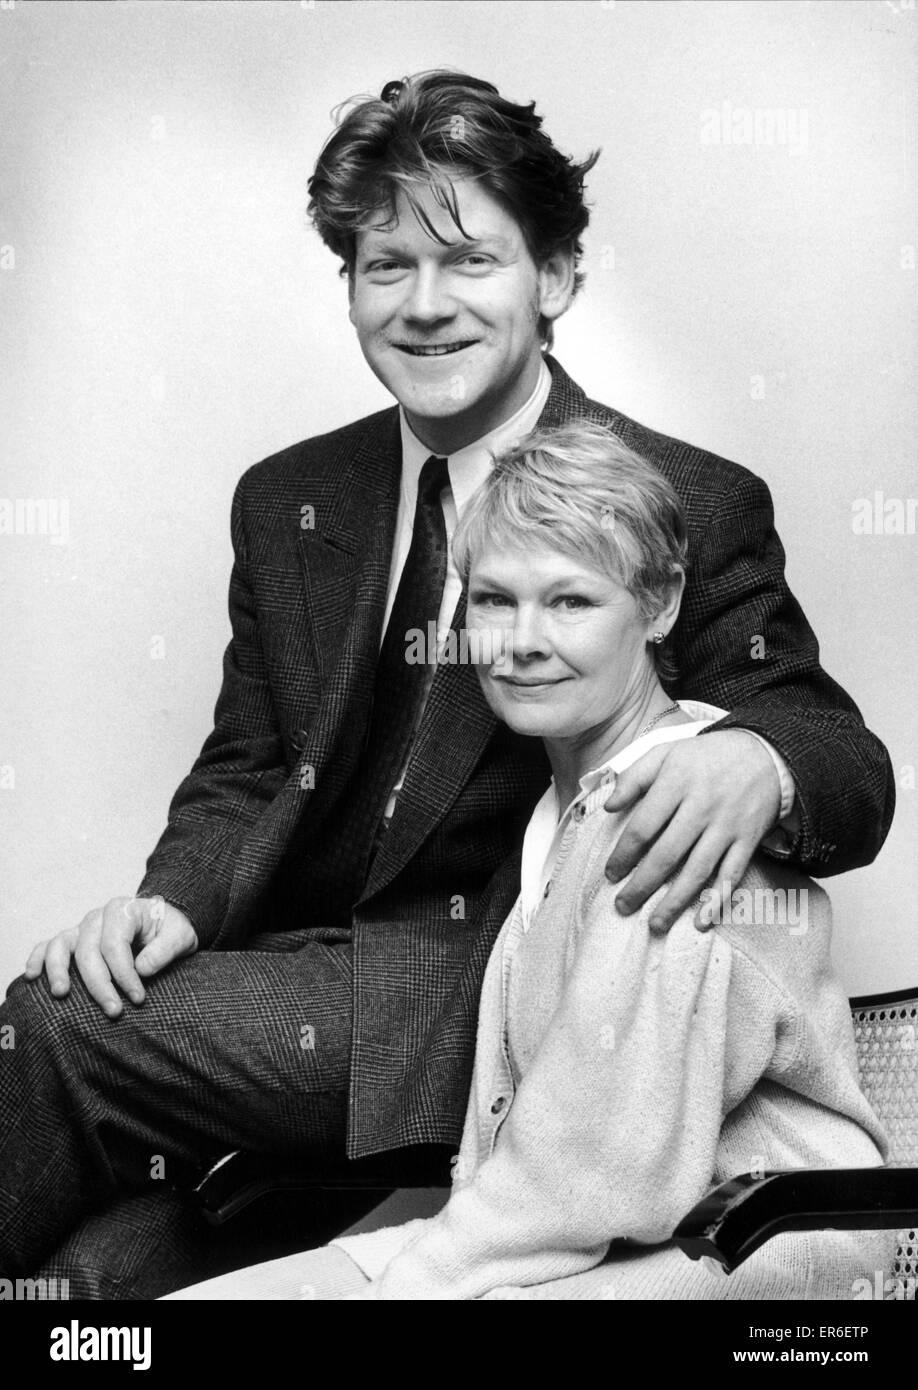 Dame Judi Dench y Kenneth Branagh marca el inicio de su temporada de Shakespeare en el Teatro de Repertorio de Birmingham. 29 de febrero de 1988 Foto de stock